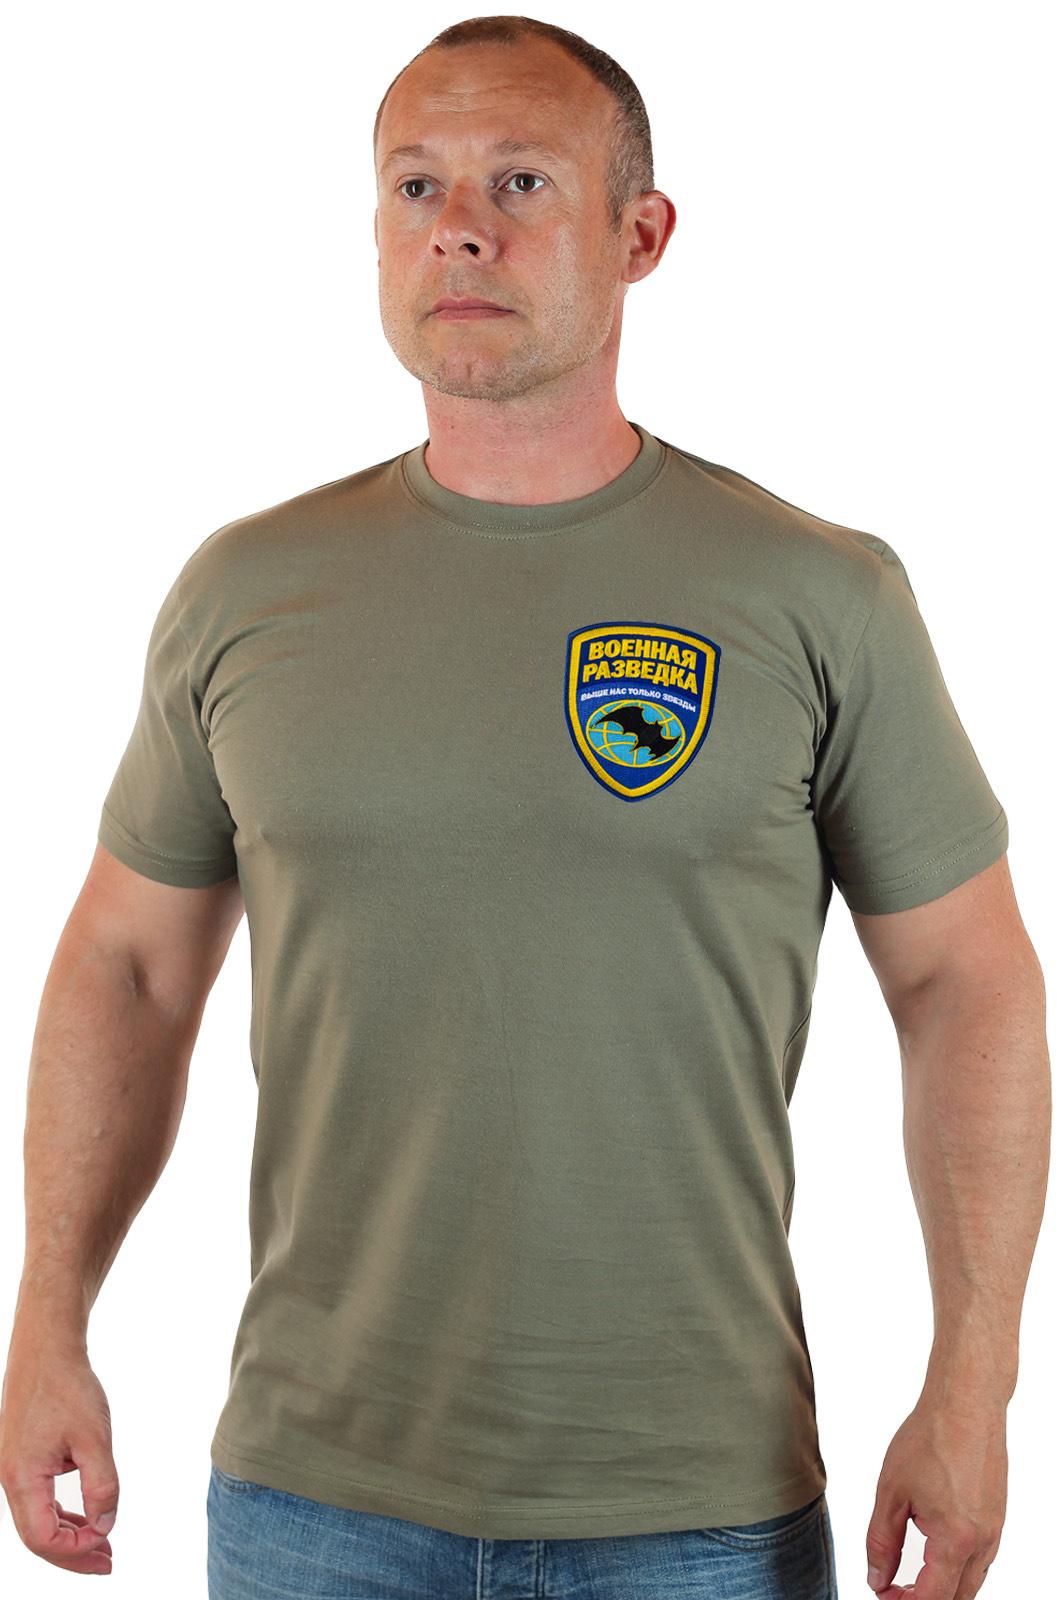 Купить в военторге футболку Военная Разведка